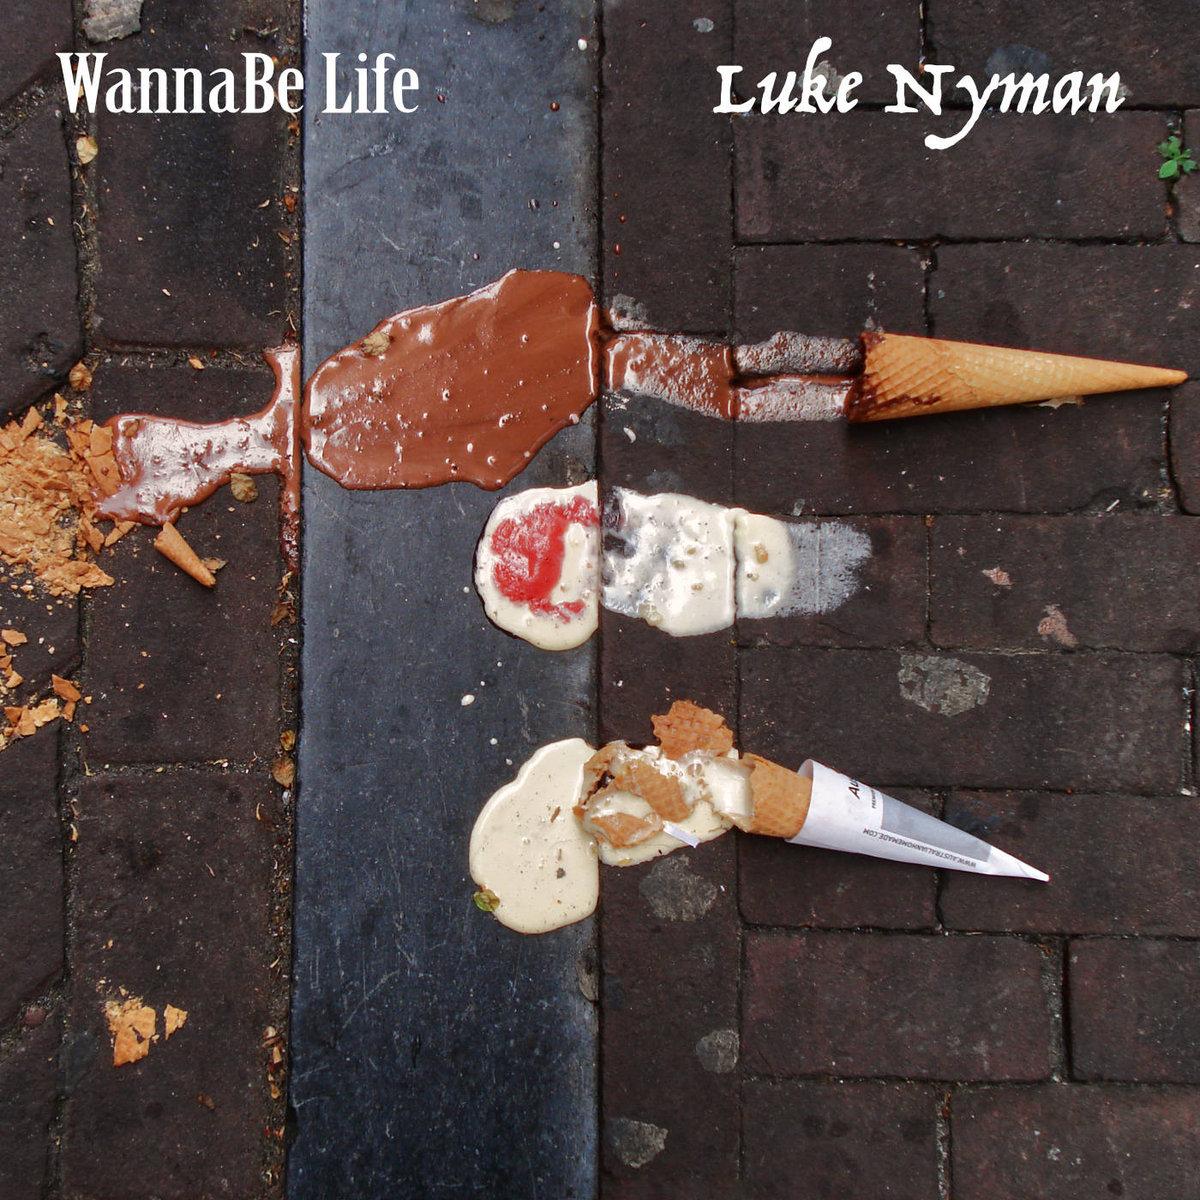 WannaBe Life by Luke Nyman